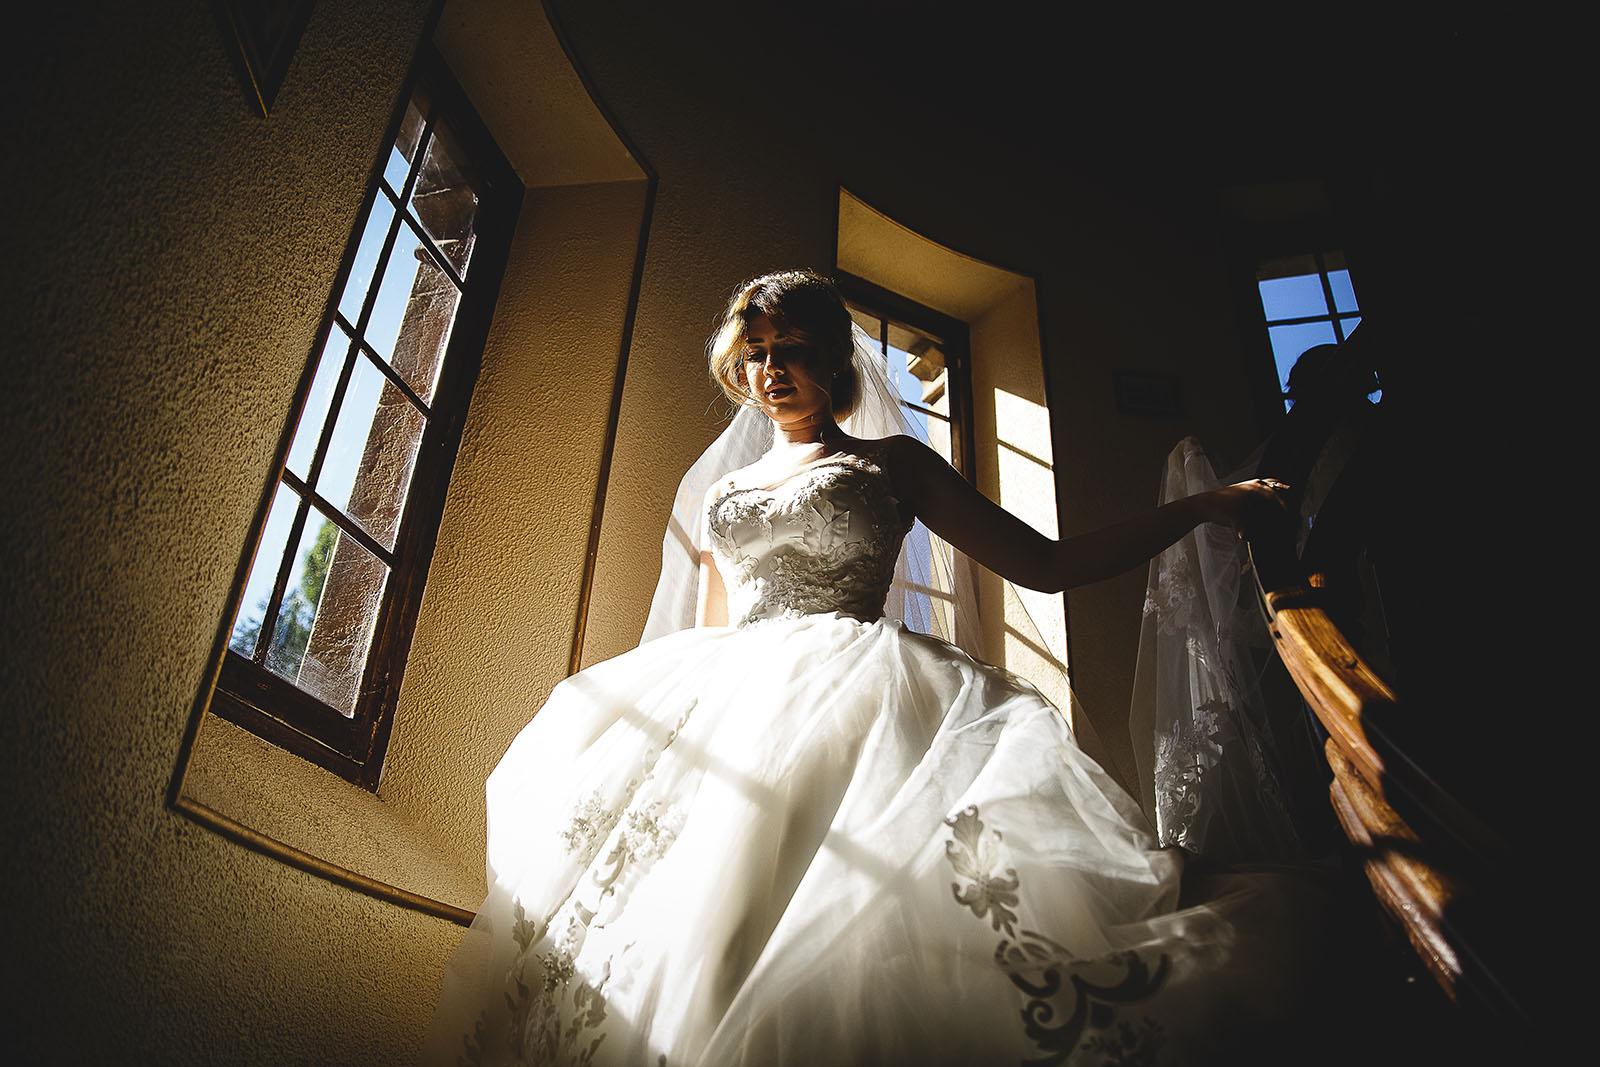 Mariage au Château de Beguin David Pommier photographe de mariage. La magnifique mariée descend les escaliers du château